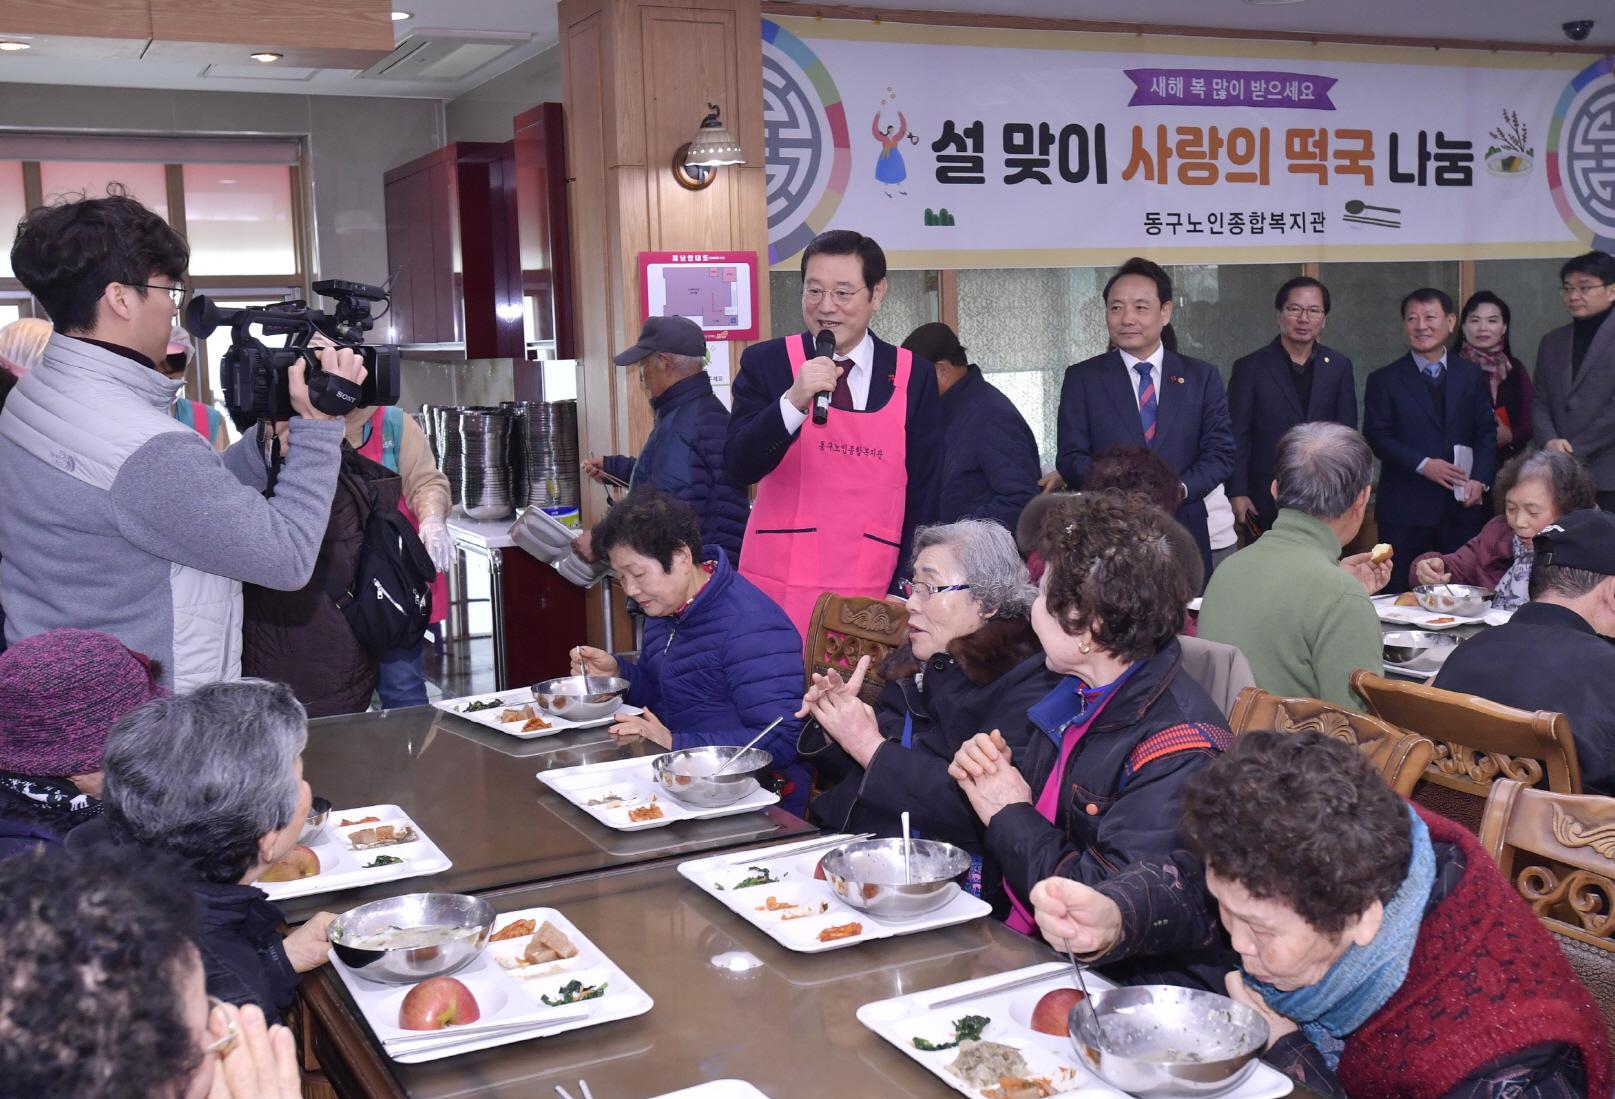 광주광역시장, 동구노인종합복지관서 새해인사 및 떡국 배식봉사